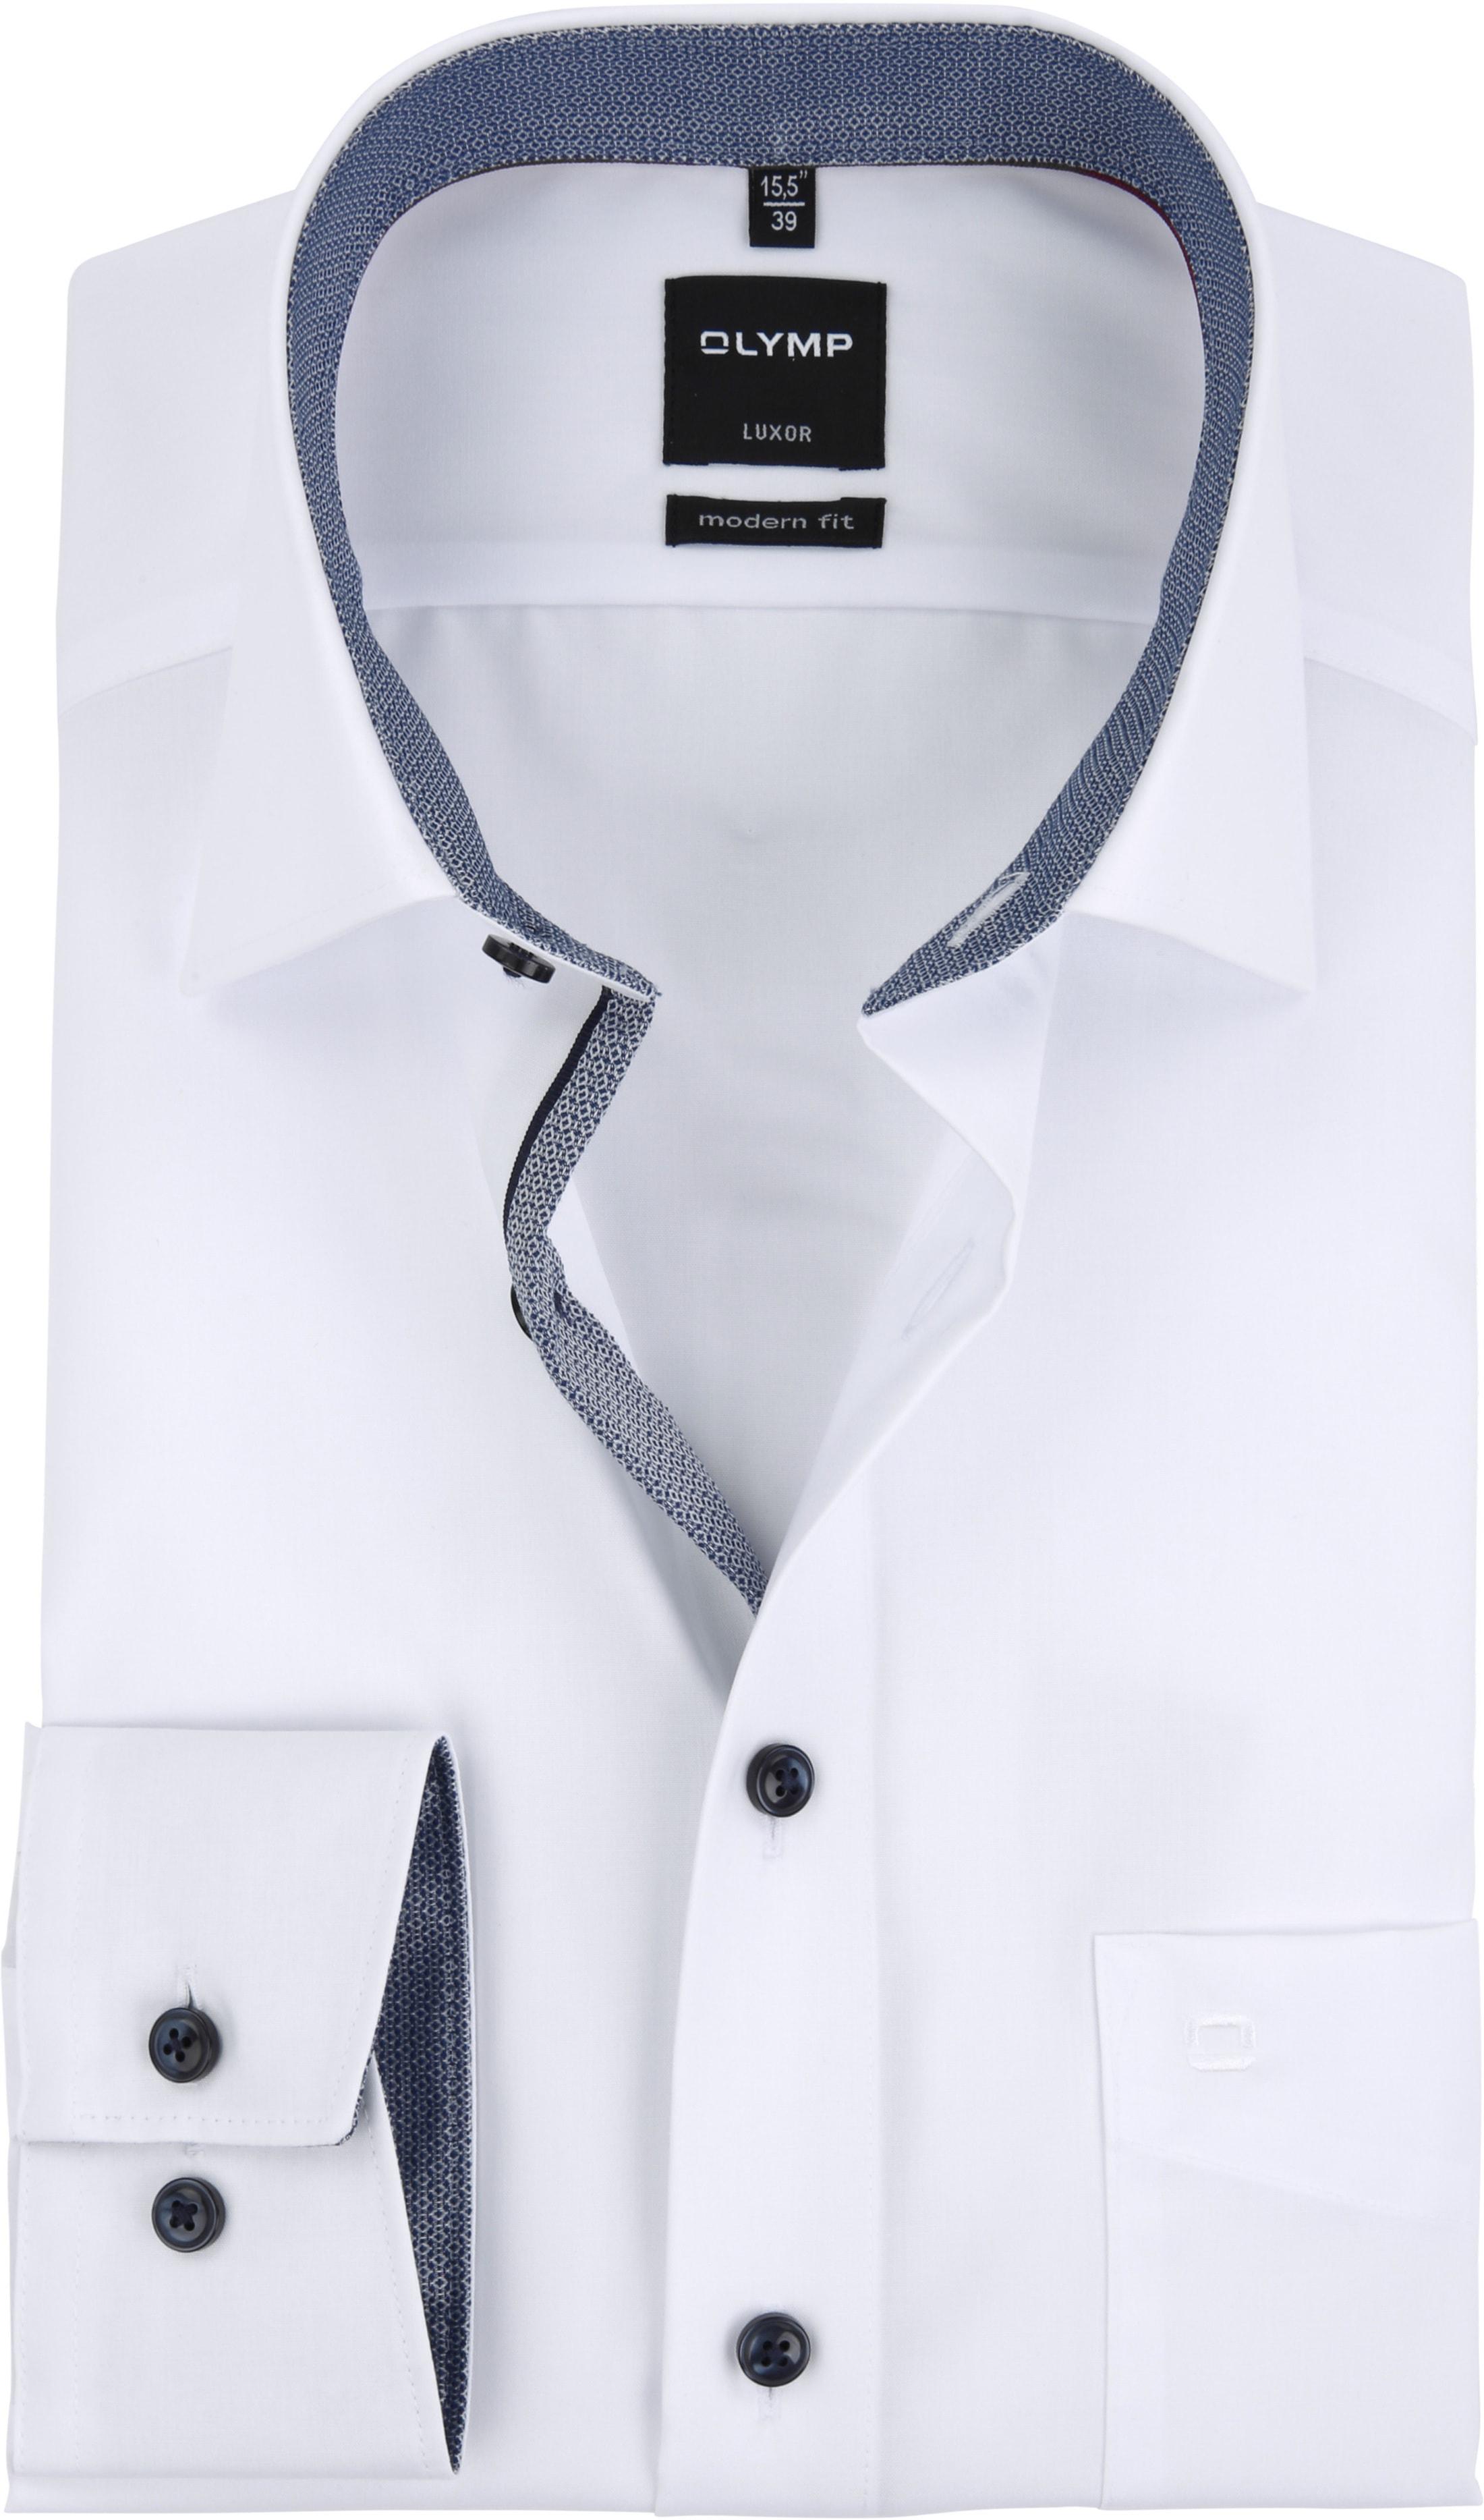 olymp overhemd luxor wit modern fit 057564 online. Black Bedroom Furniture Sets. Home Design Ideas